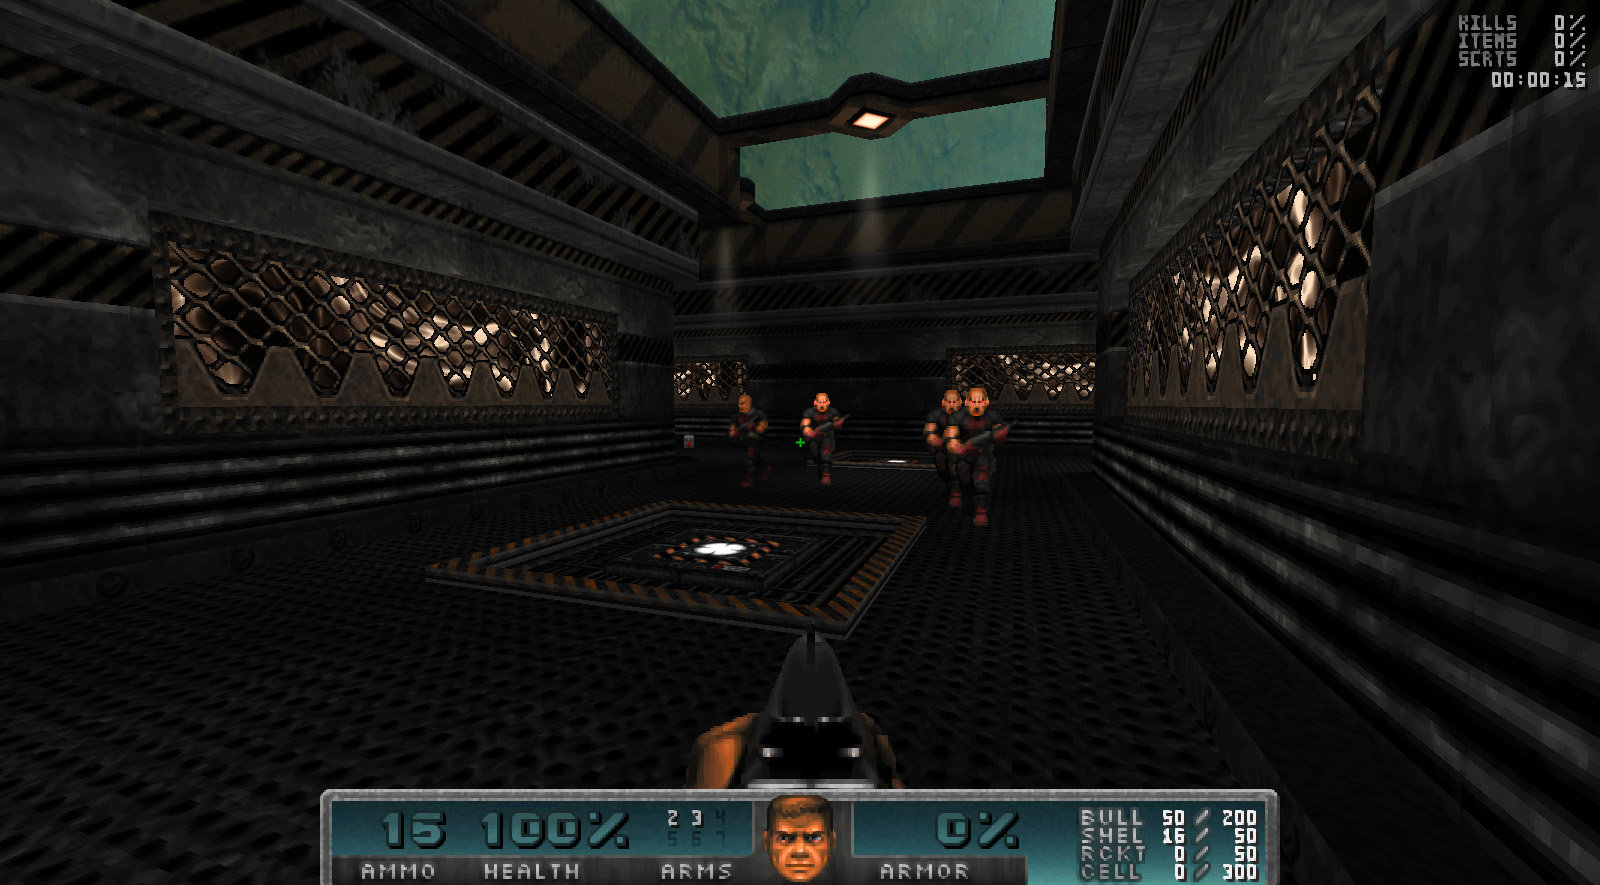 Screenshot_Doom_20200515_221758.jpg.631796593a24824ed61ed10704bb9ea2.jpg